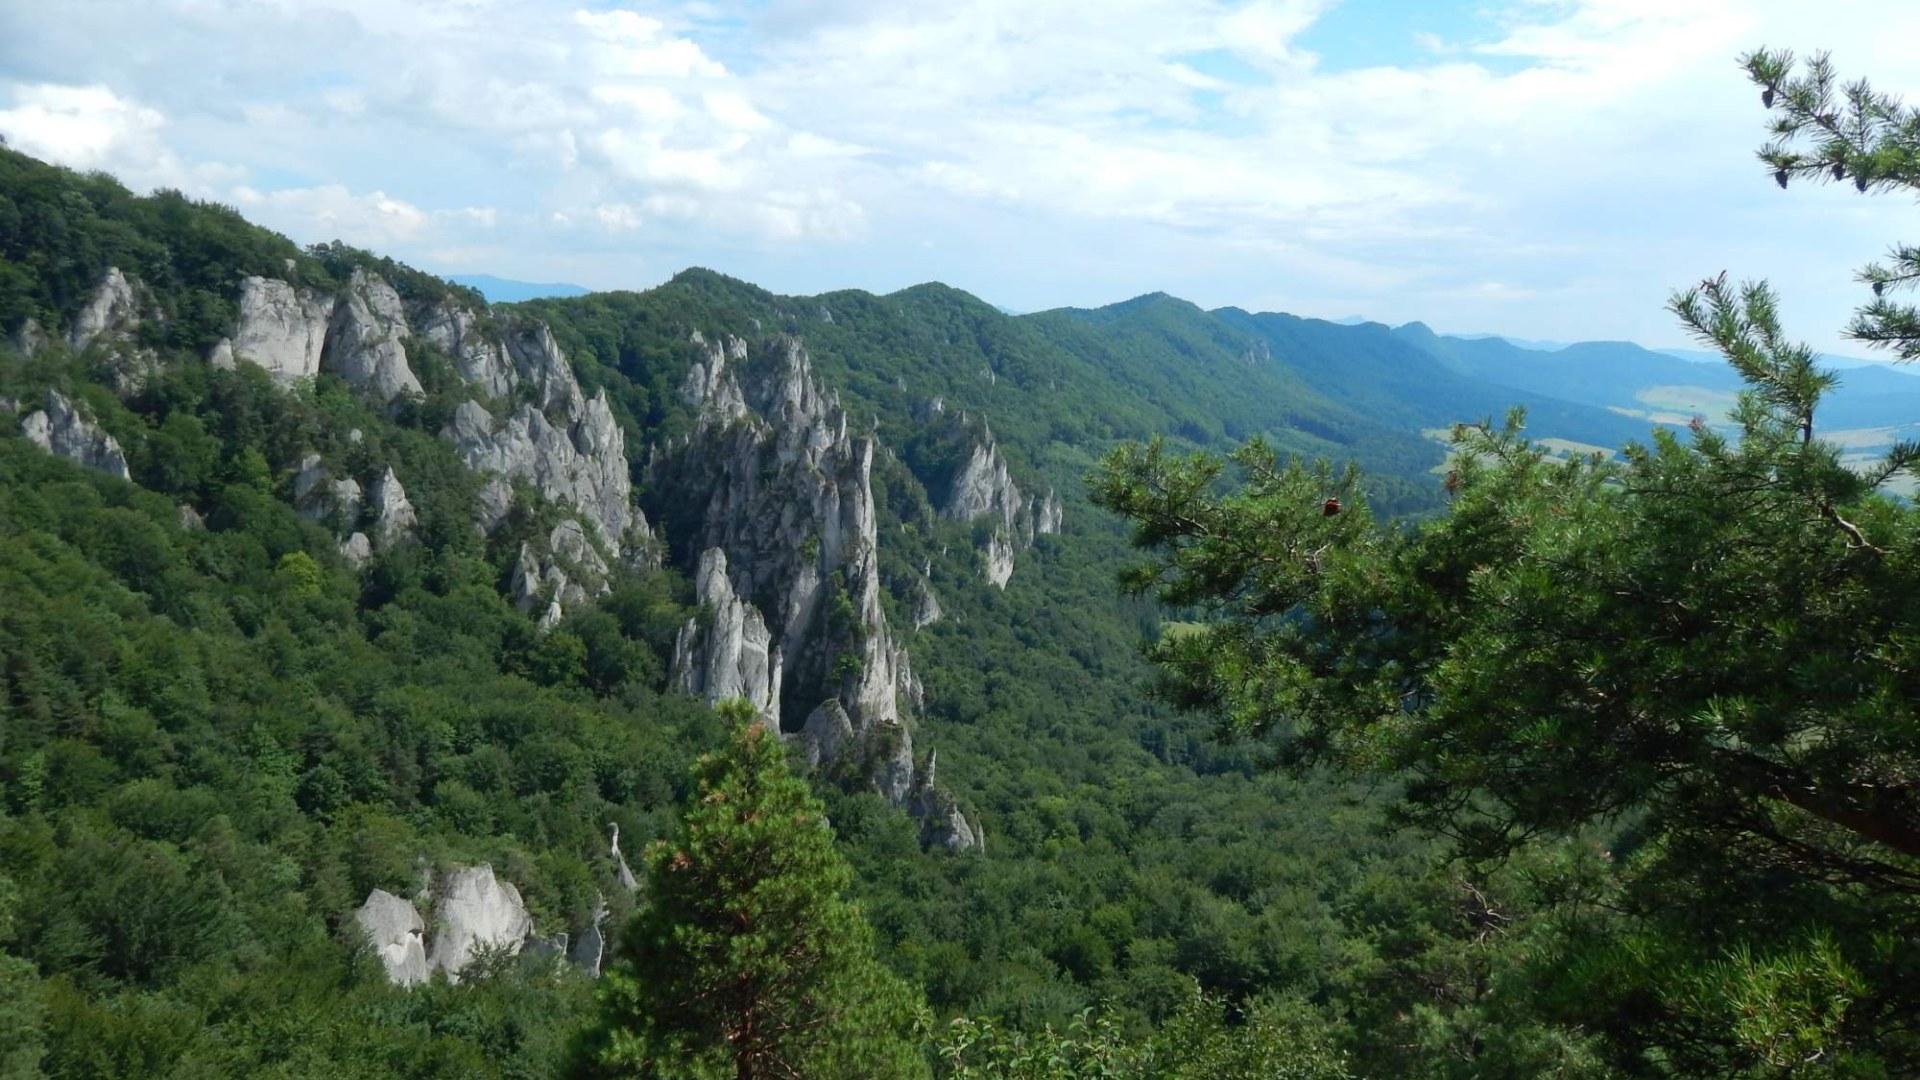 Sulovské skály na Slovensku – Poznejte úžasnou přírodu hned za hranicemi